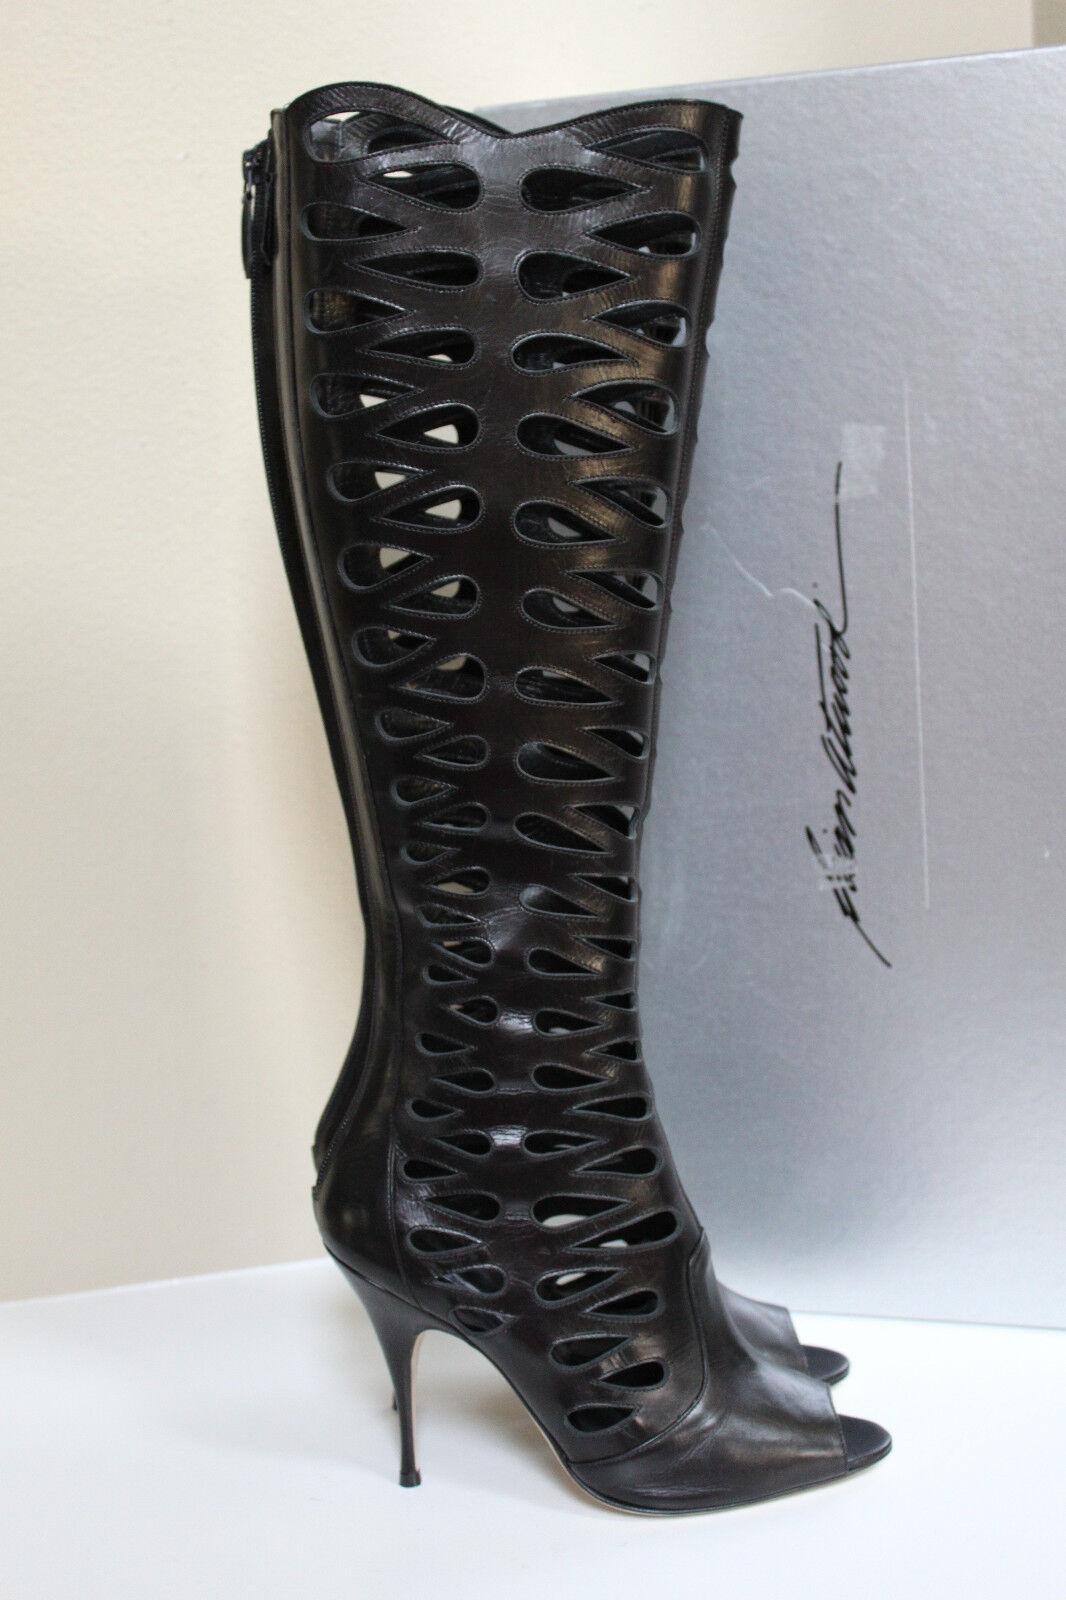 consegna veloce e spedizione gratuita per tutti gli ordini New sz 9.5   39.5 39.5 39.5 Brian Atwood Electra nero Leather Cutout Knee High stivali Shoe  autorizzazione ufficiale